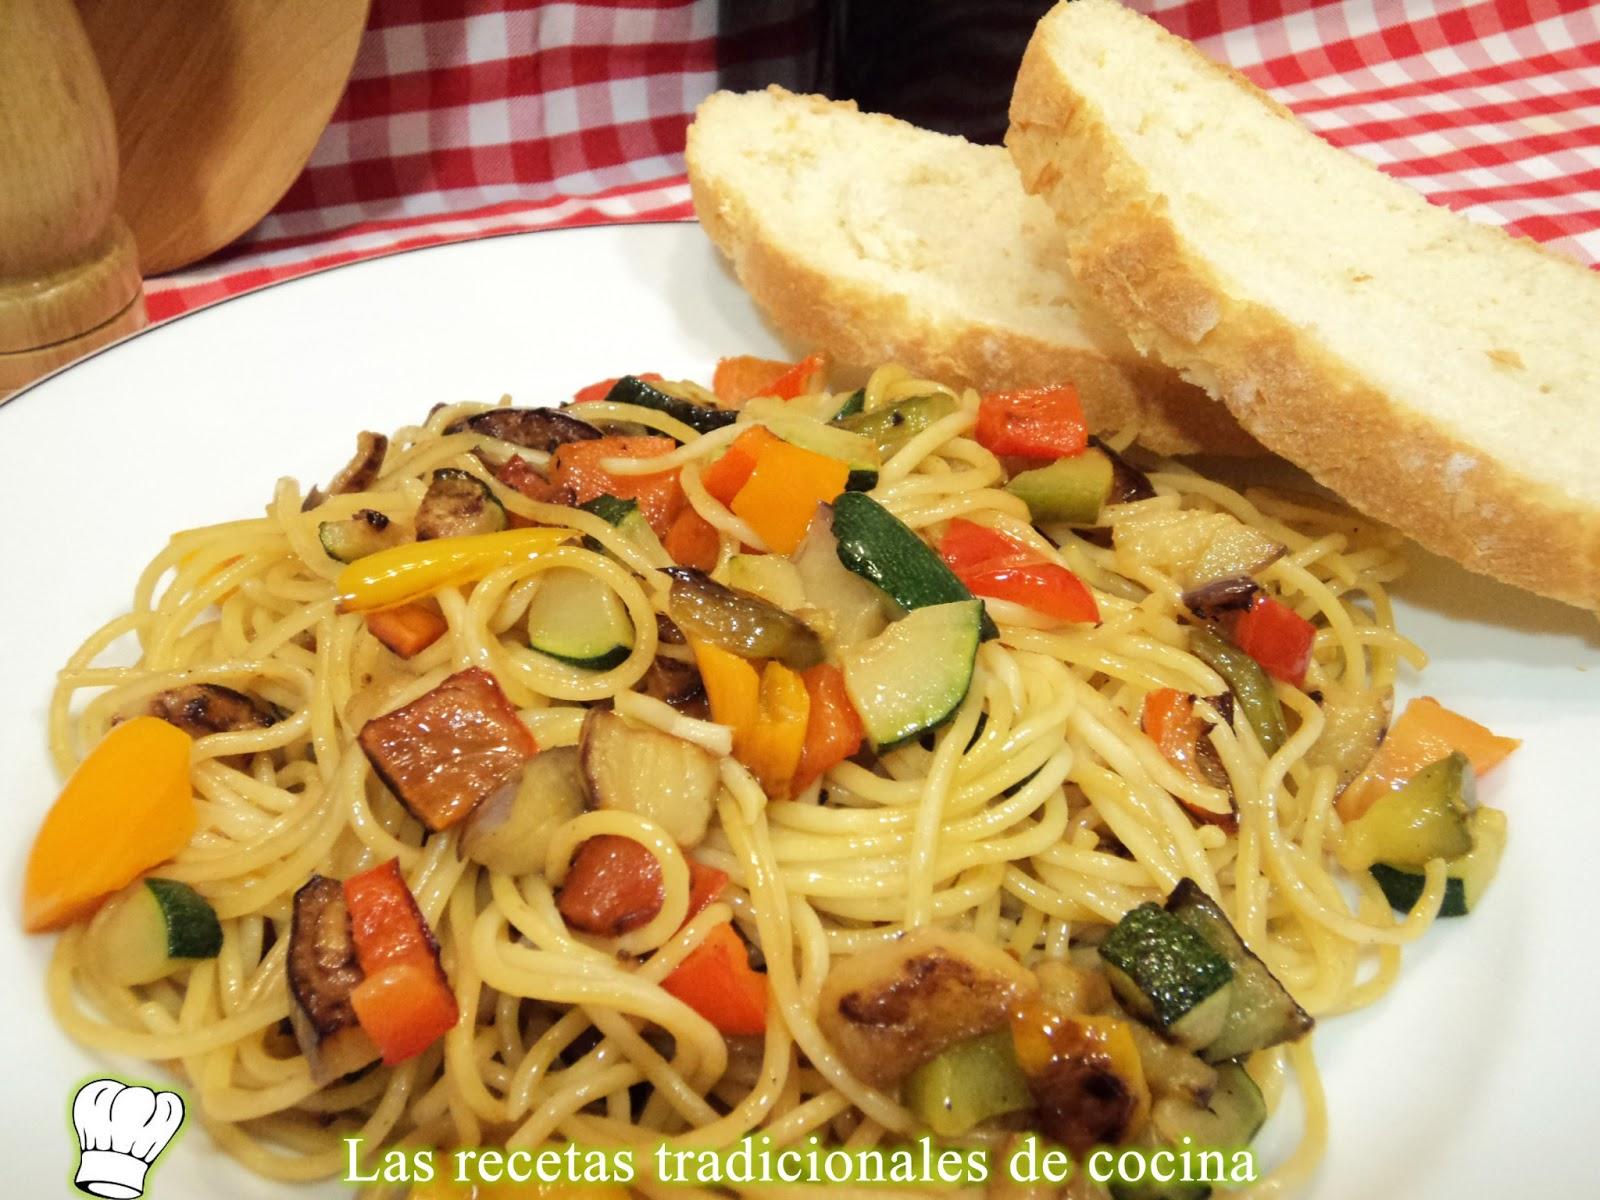 Receta De Espaguetis Con Verduras Recetas De Cocina Con Sabor Tradicional